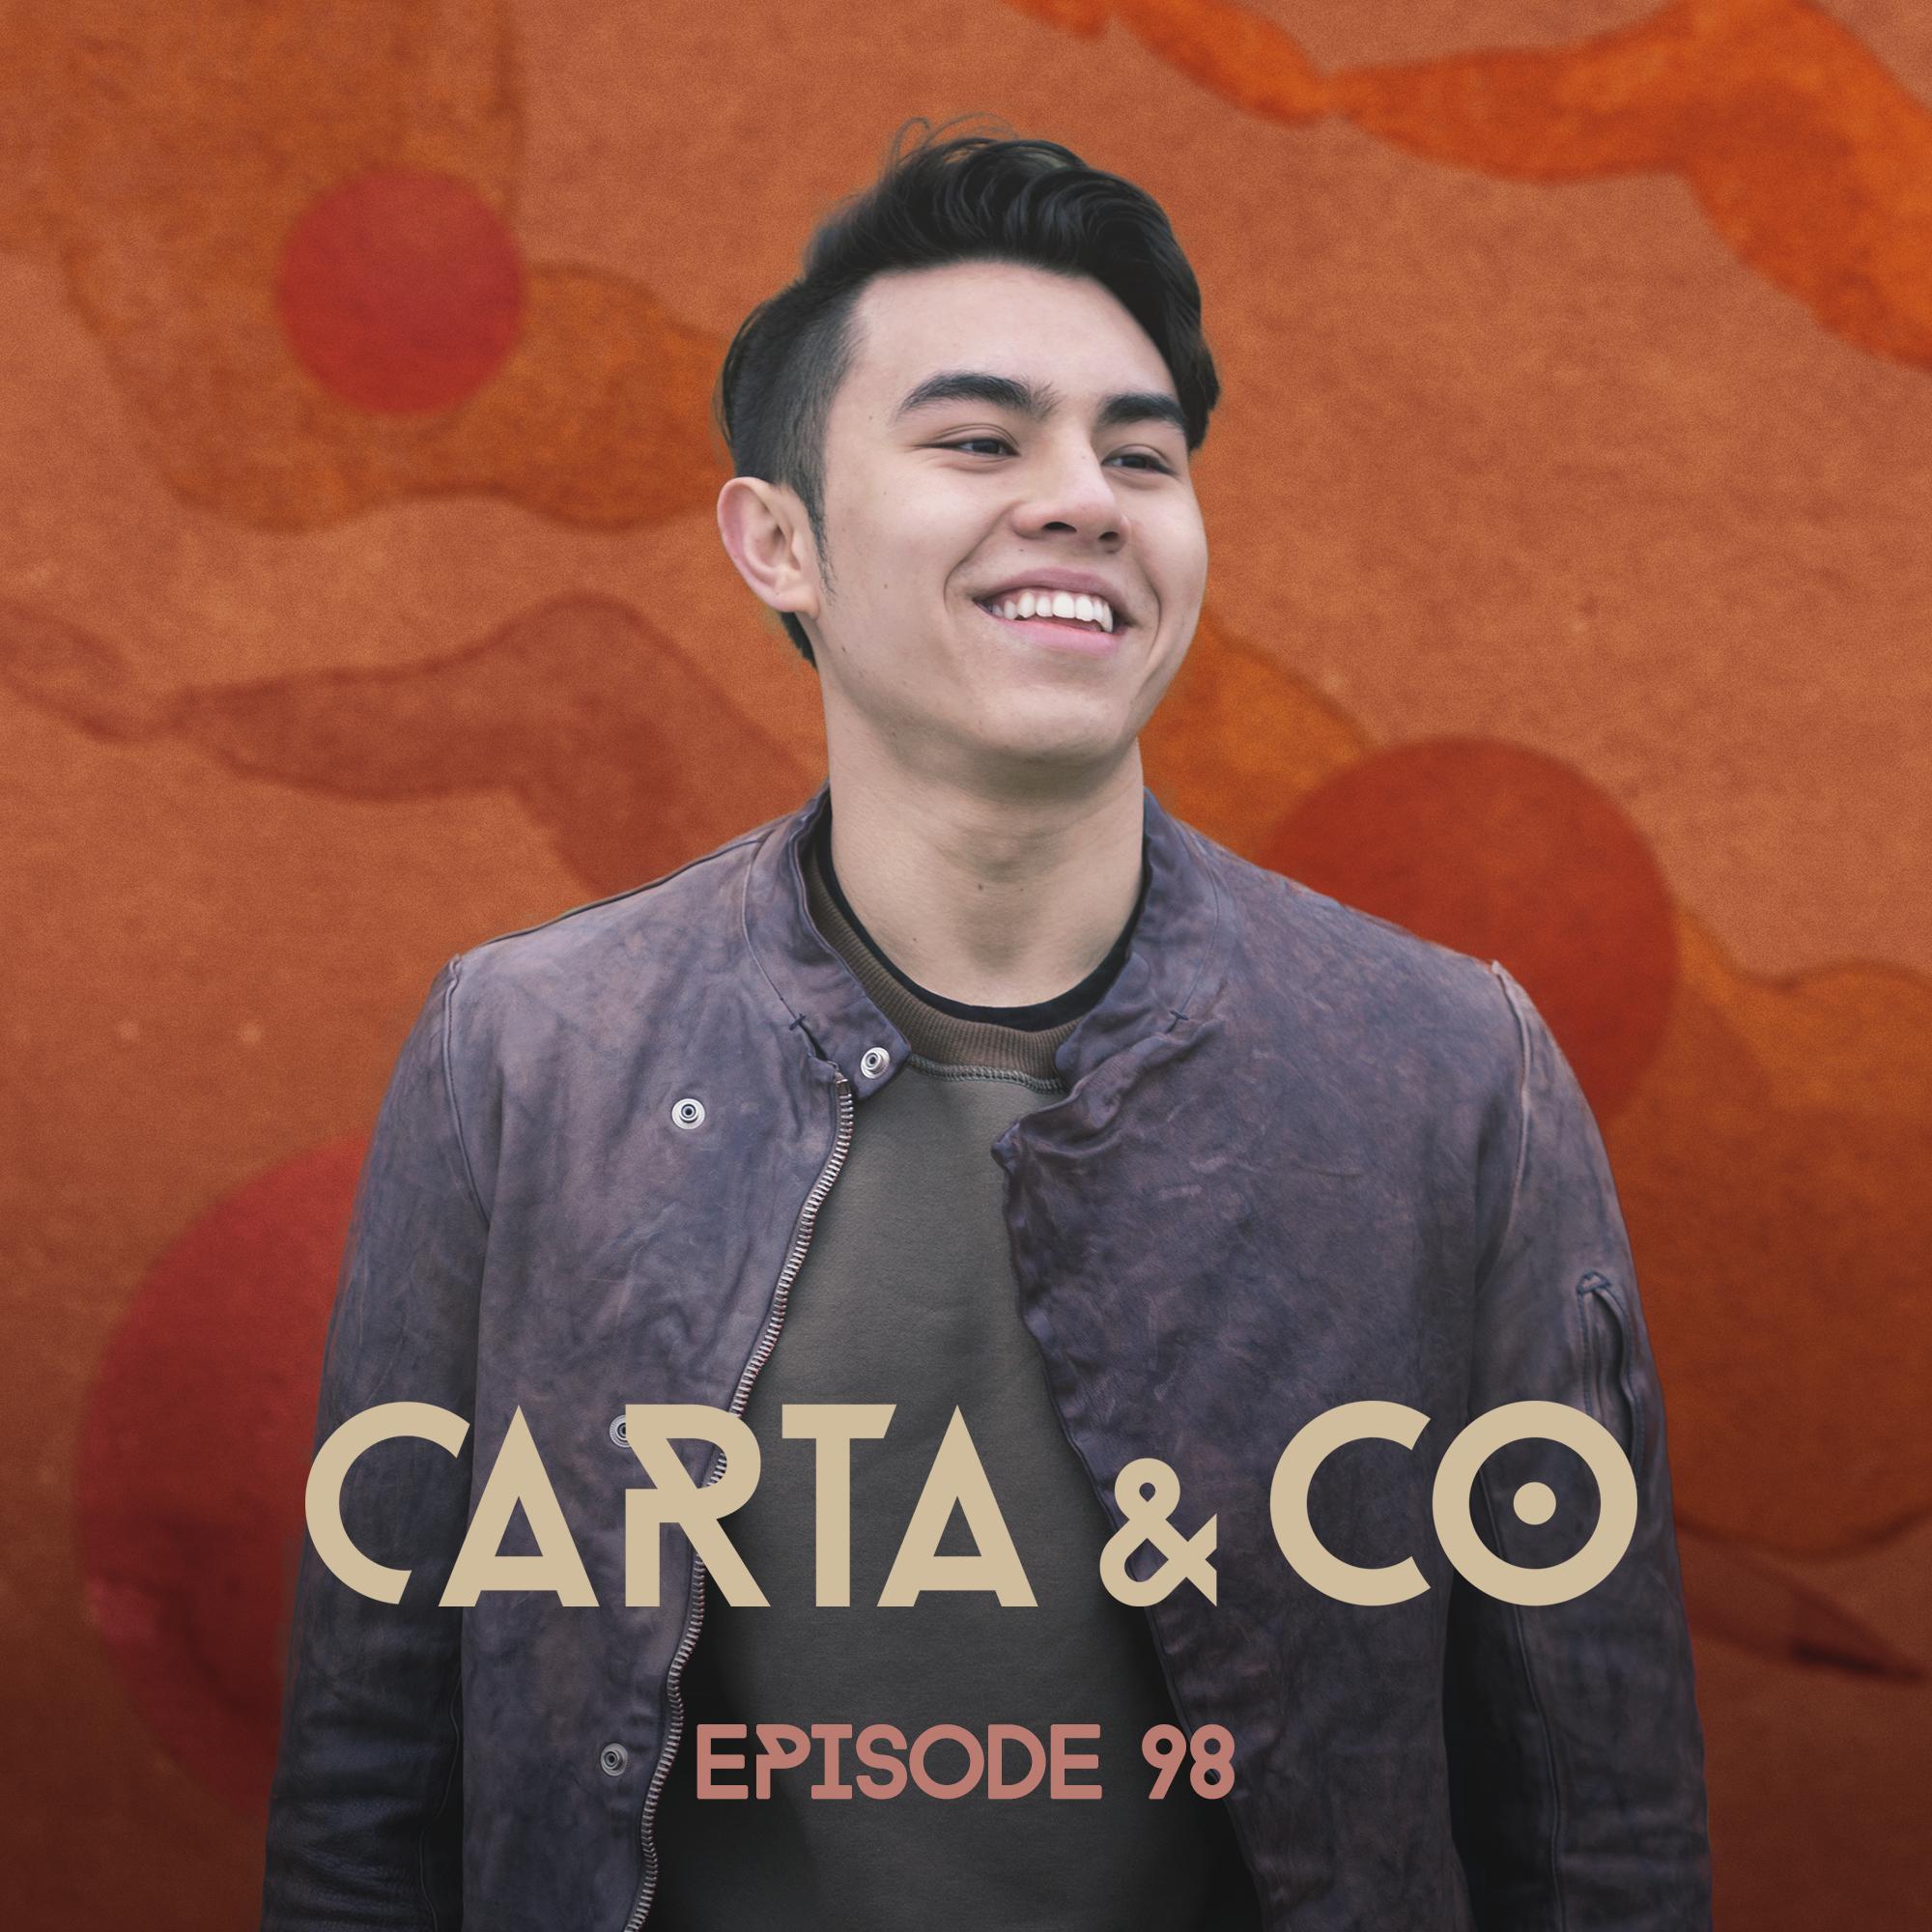 CARTA & CO - EPISODE 98